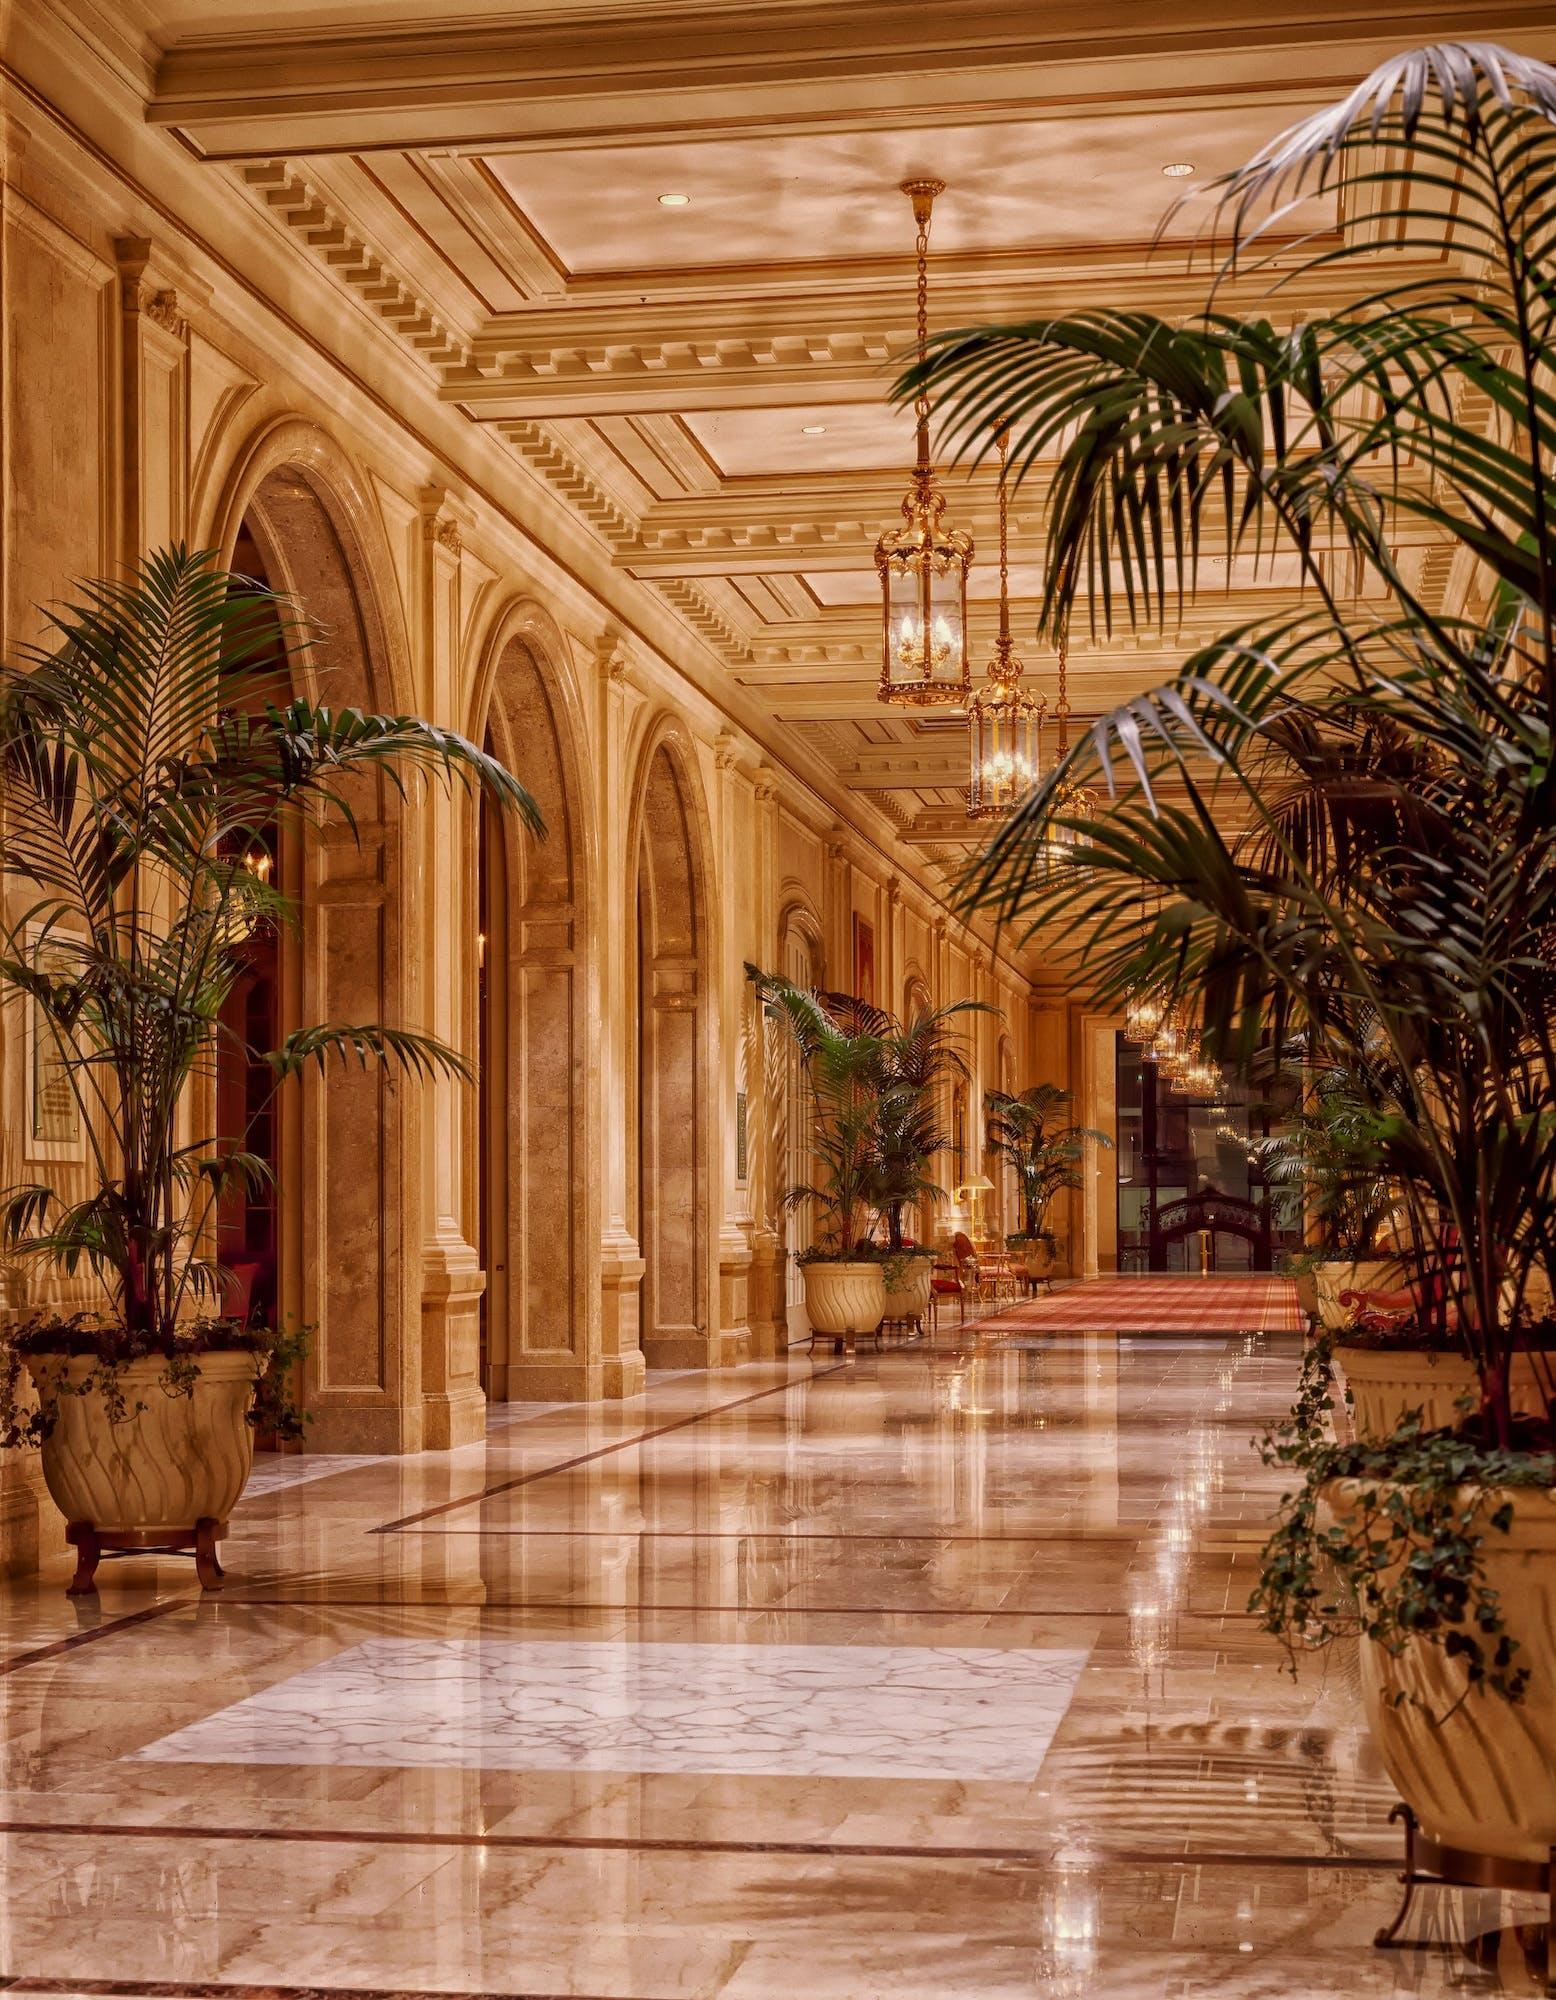 Бесплатное стоковое фото с архитектура, гостиница, дизайн интерьера, заводы